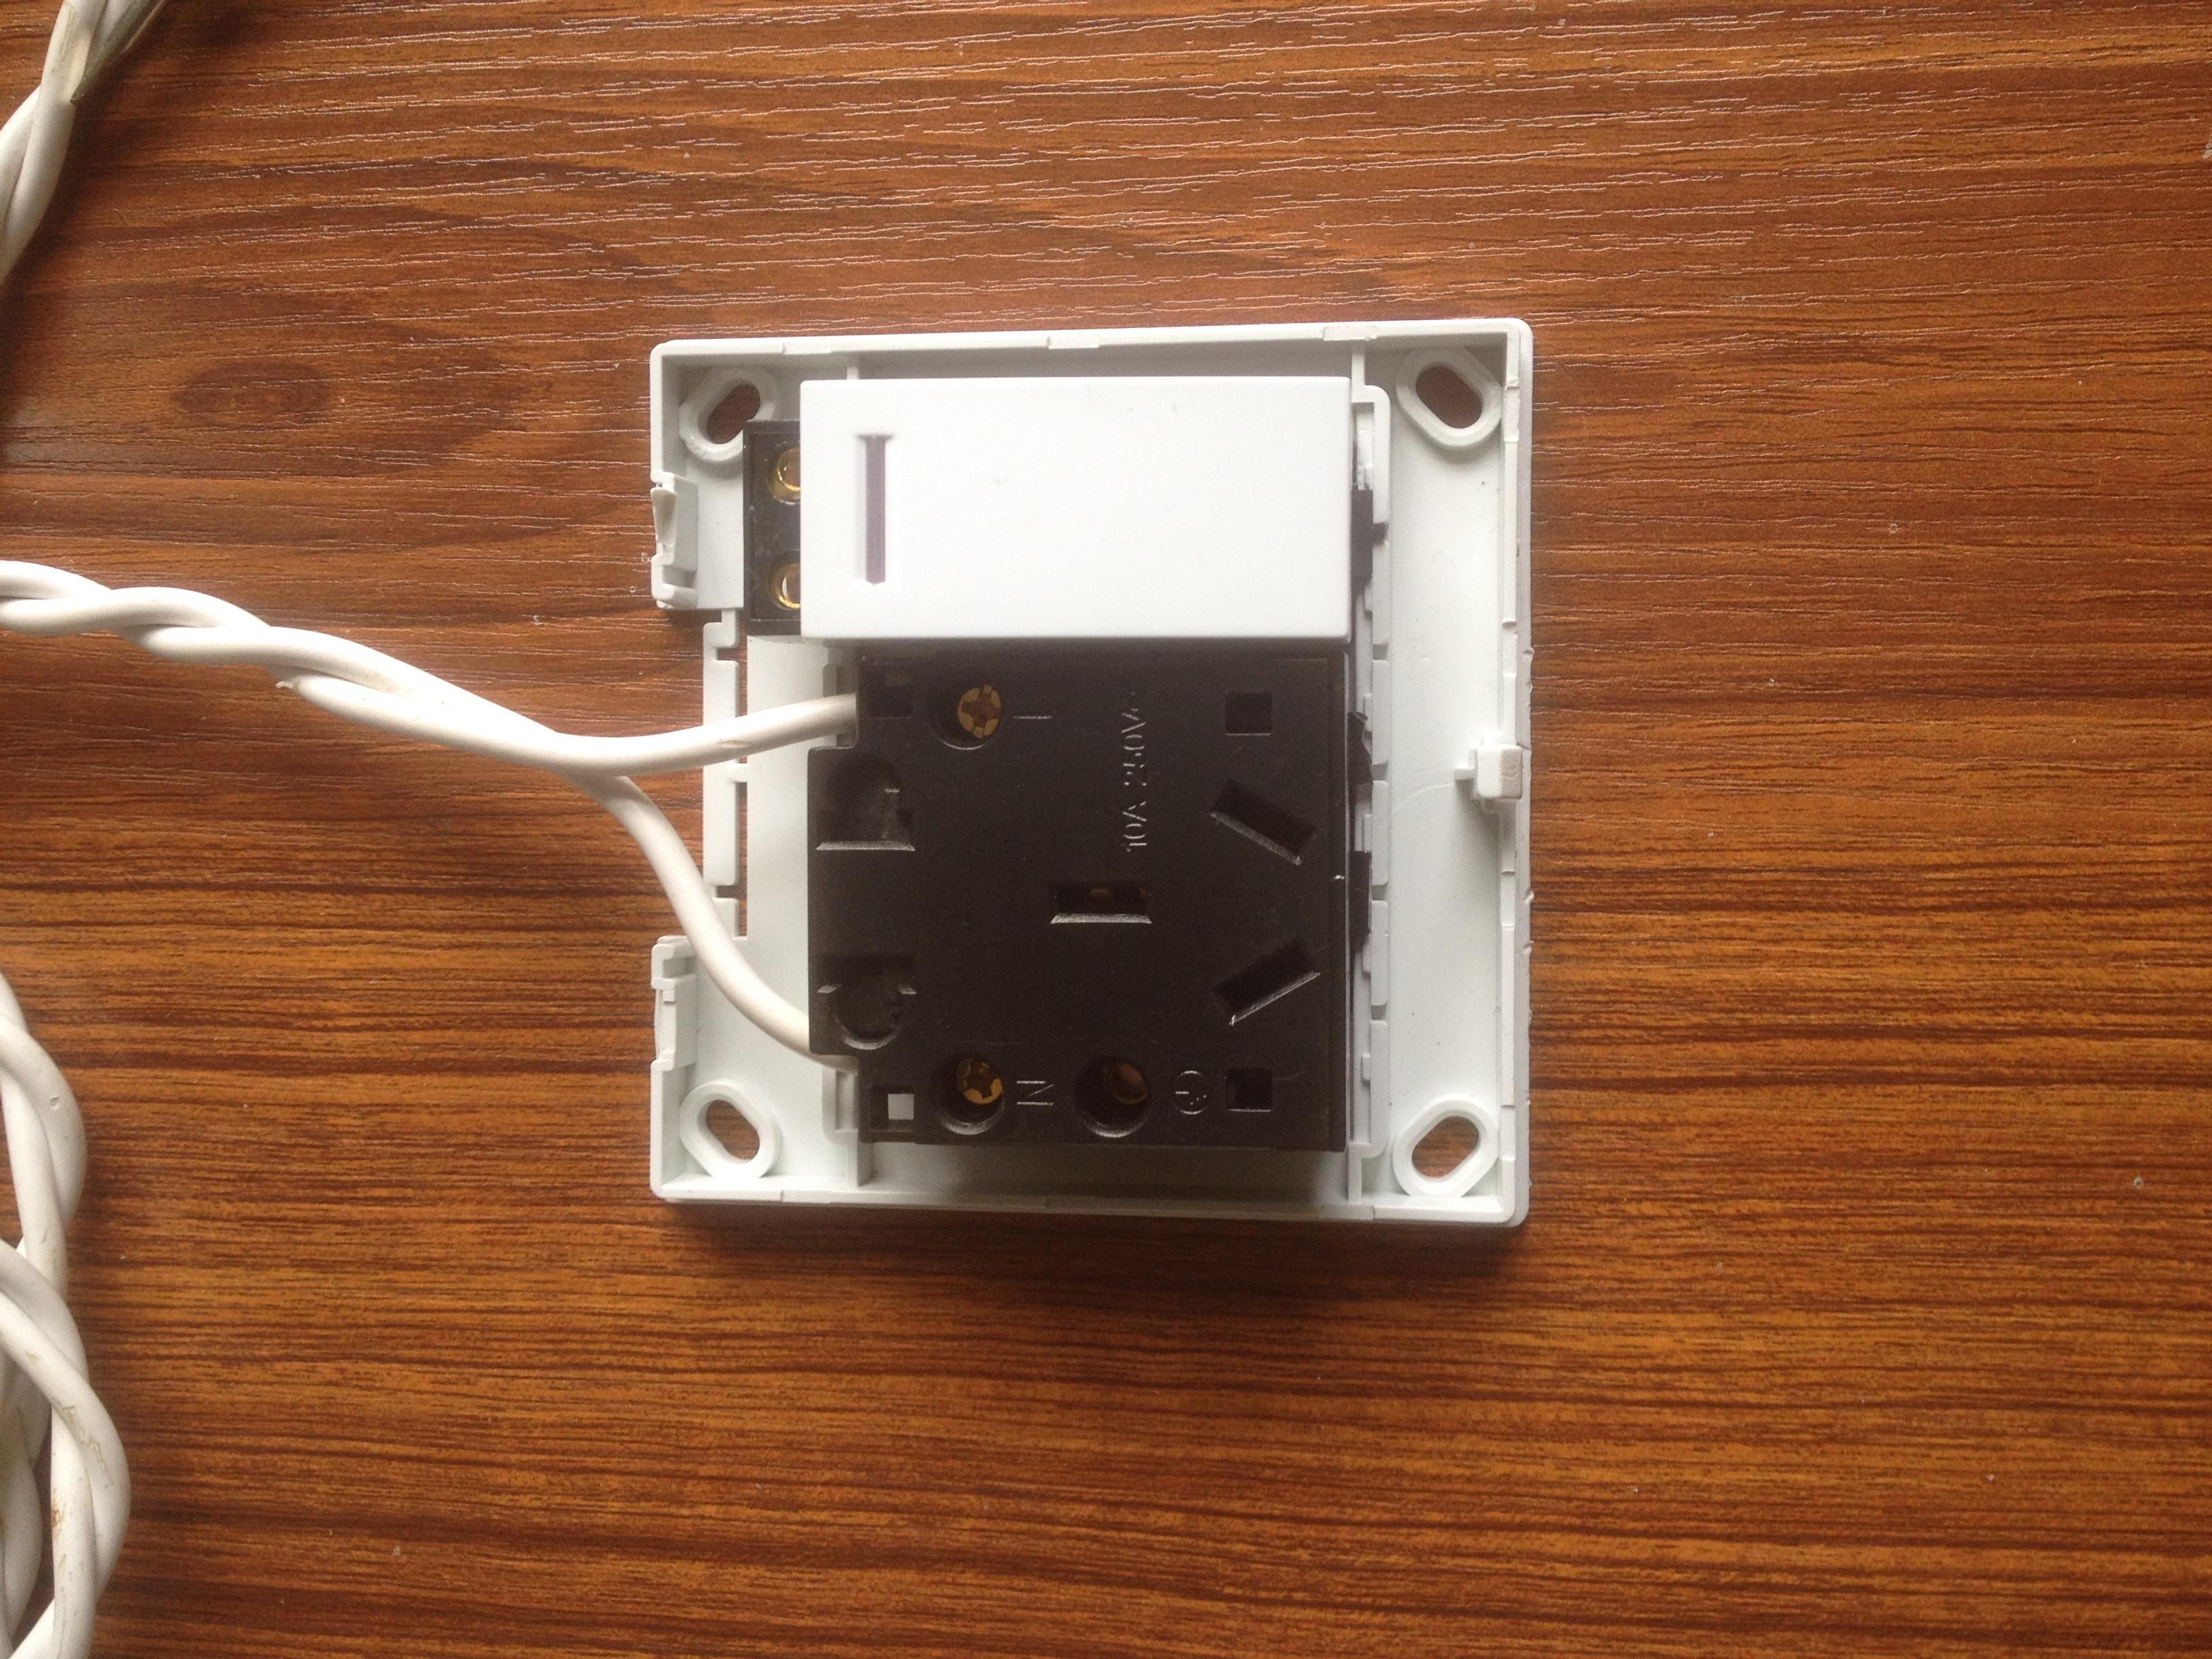 带开关的插座怎么接线,可以让开关控制插座,求图示.